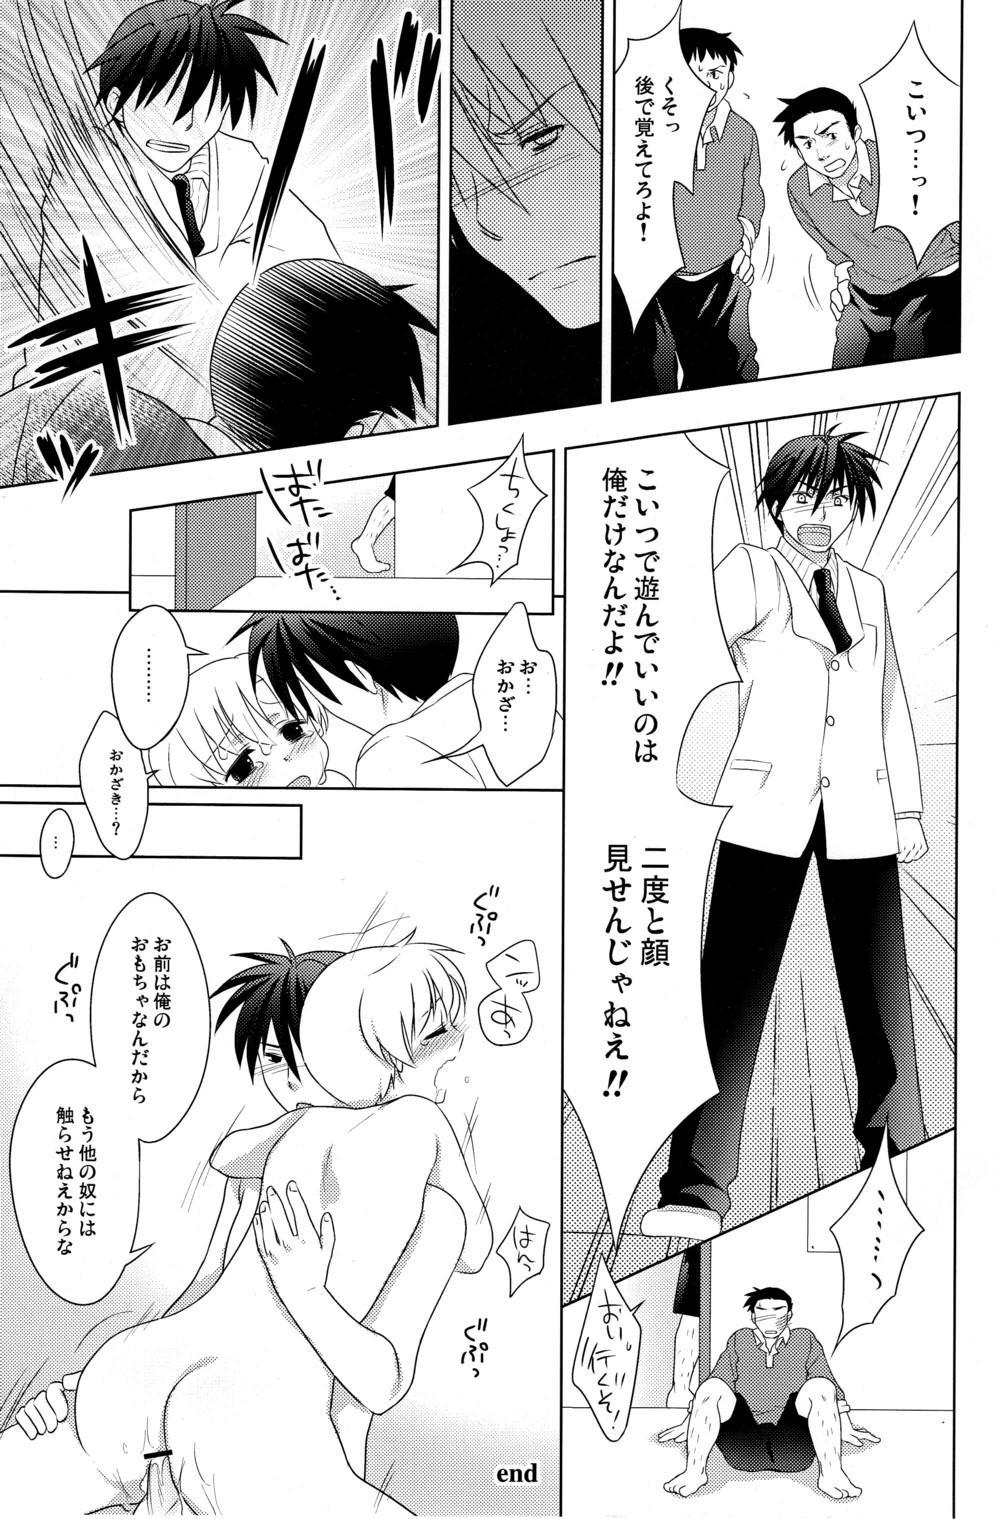 Koi Suru Bokura ha Setsunakute Aitsu wo Omou to Sugu XXX 11